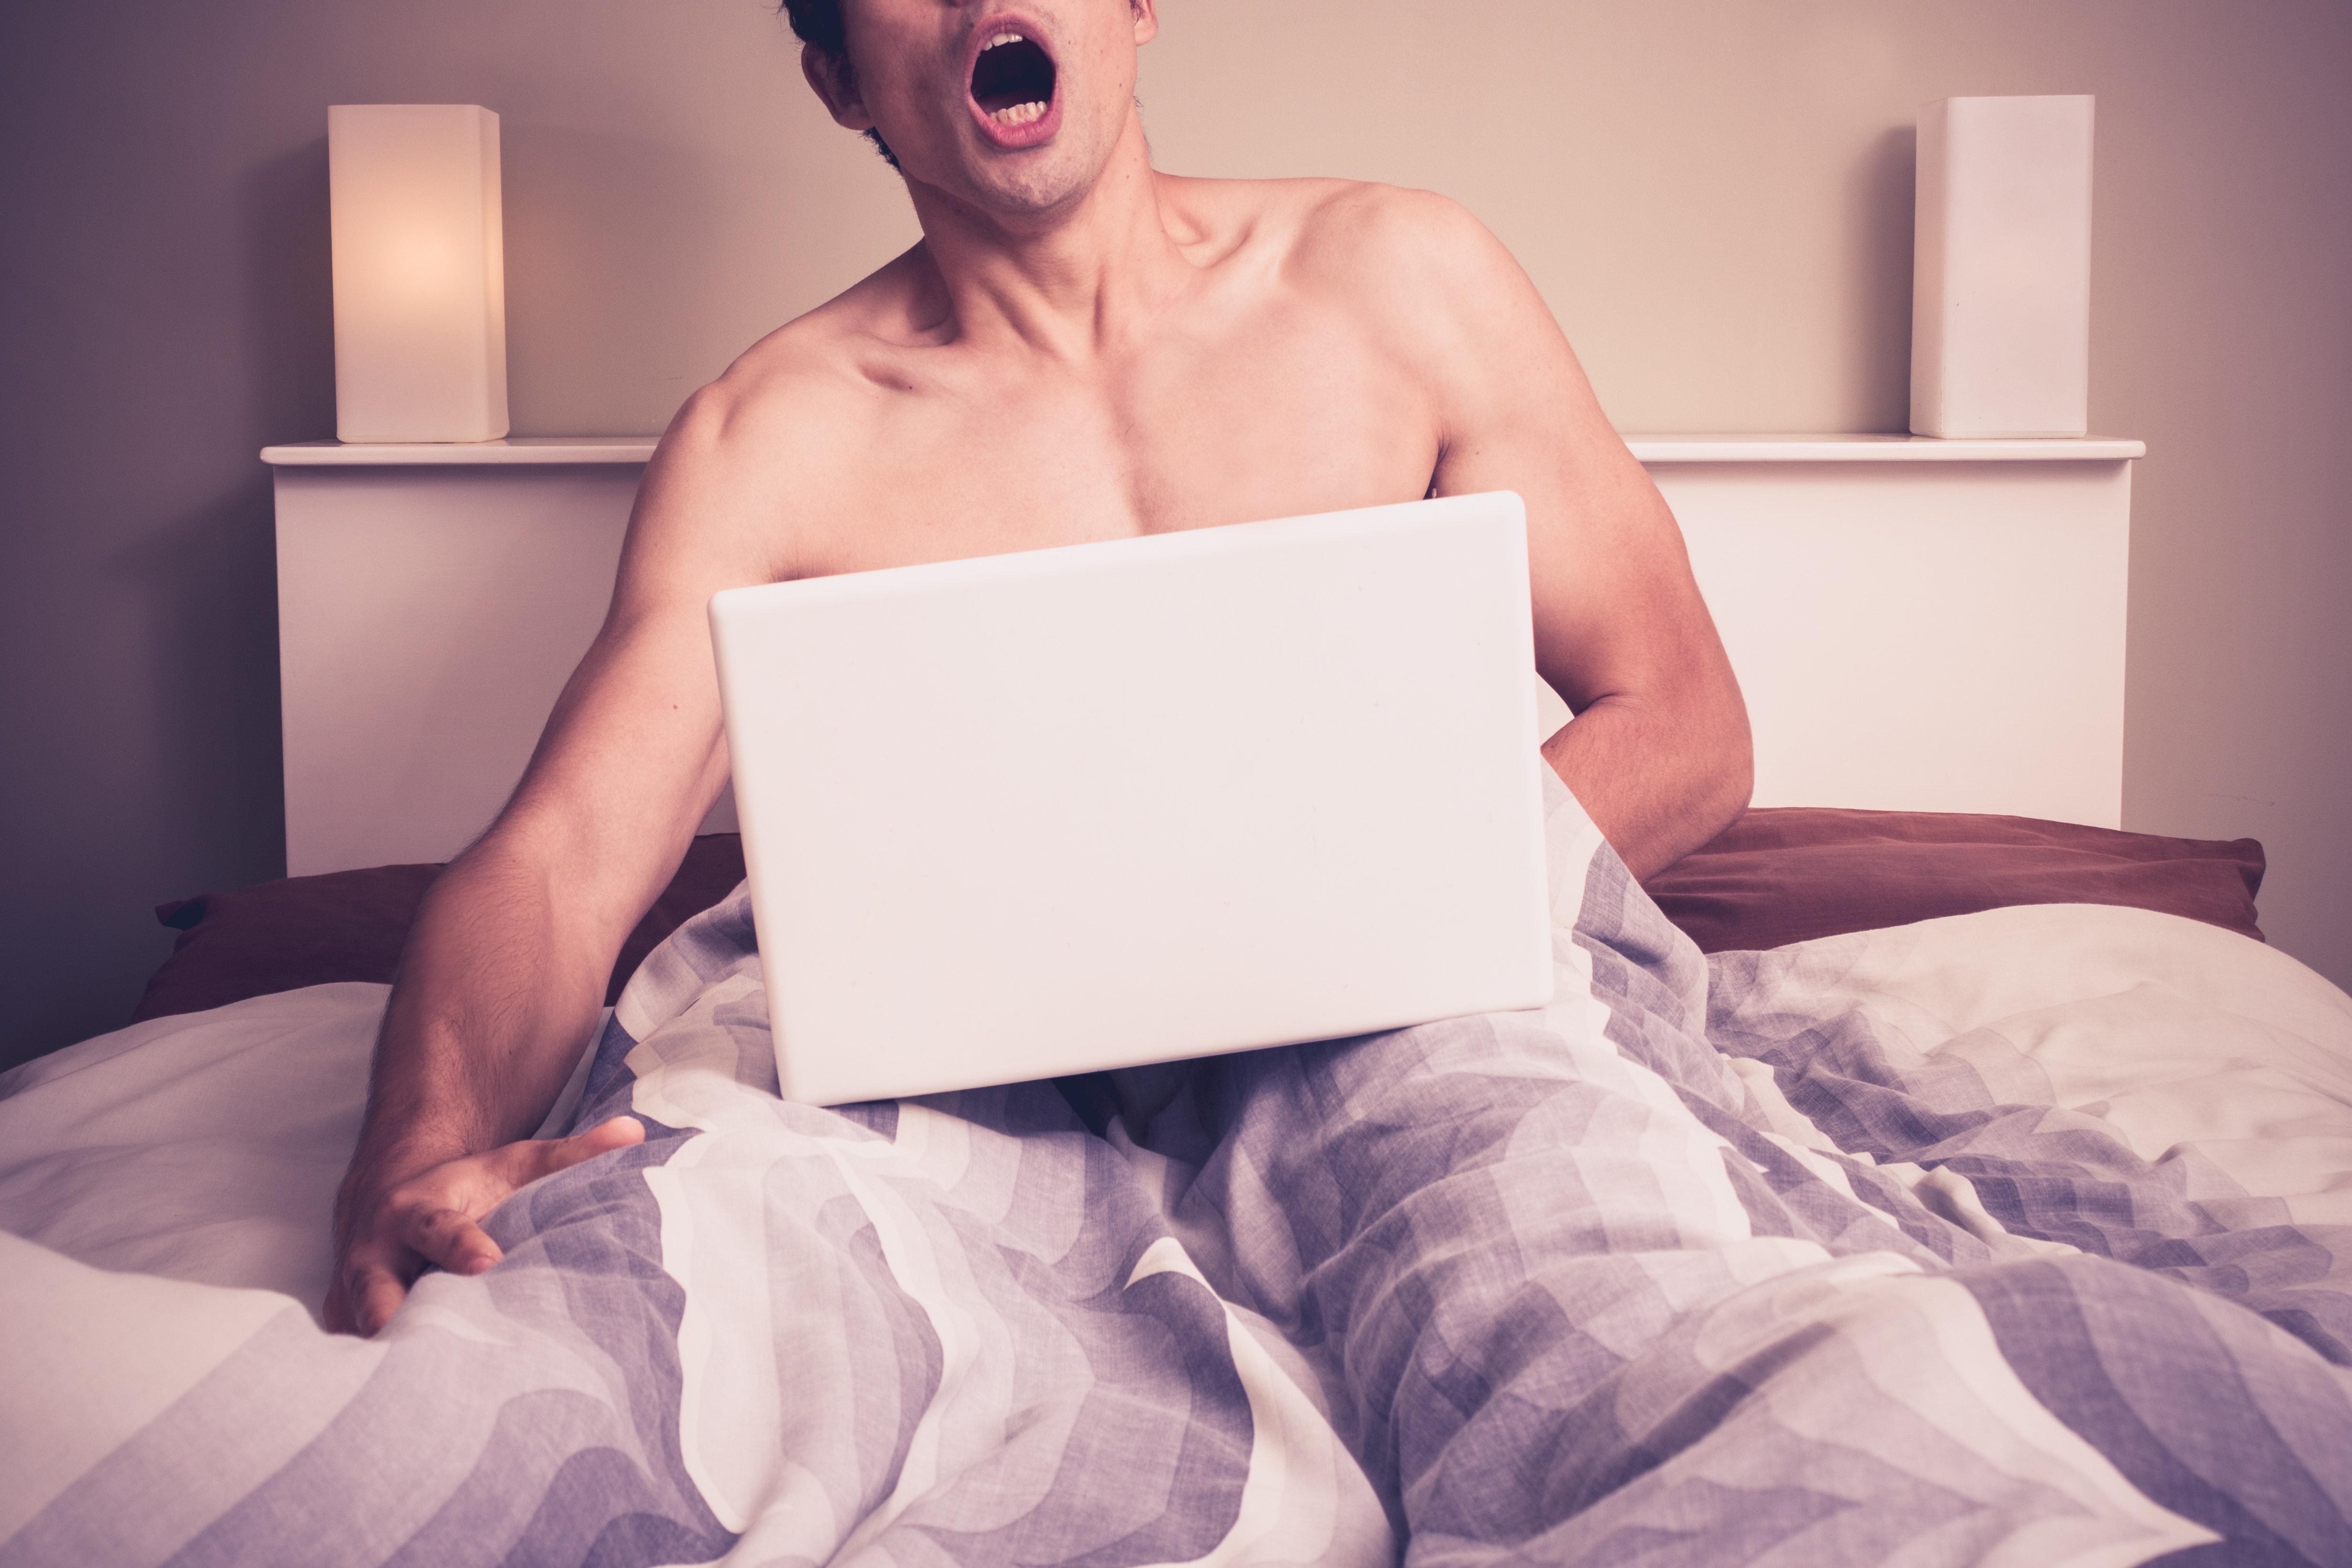 Masturbation Takes A Holiday: 'No Nut